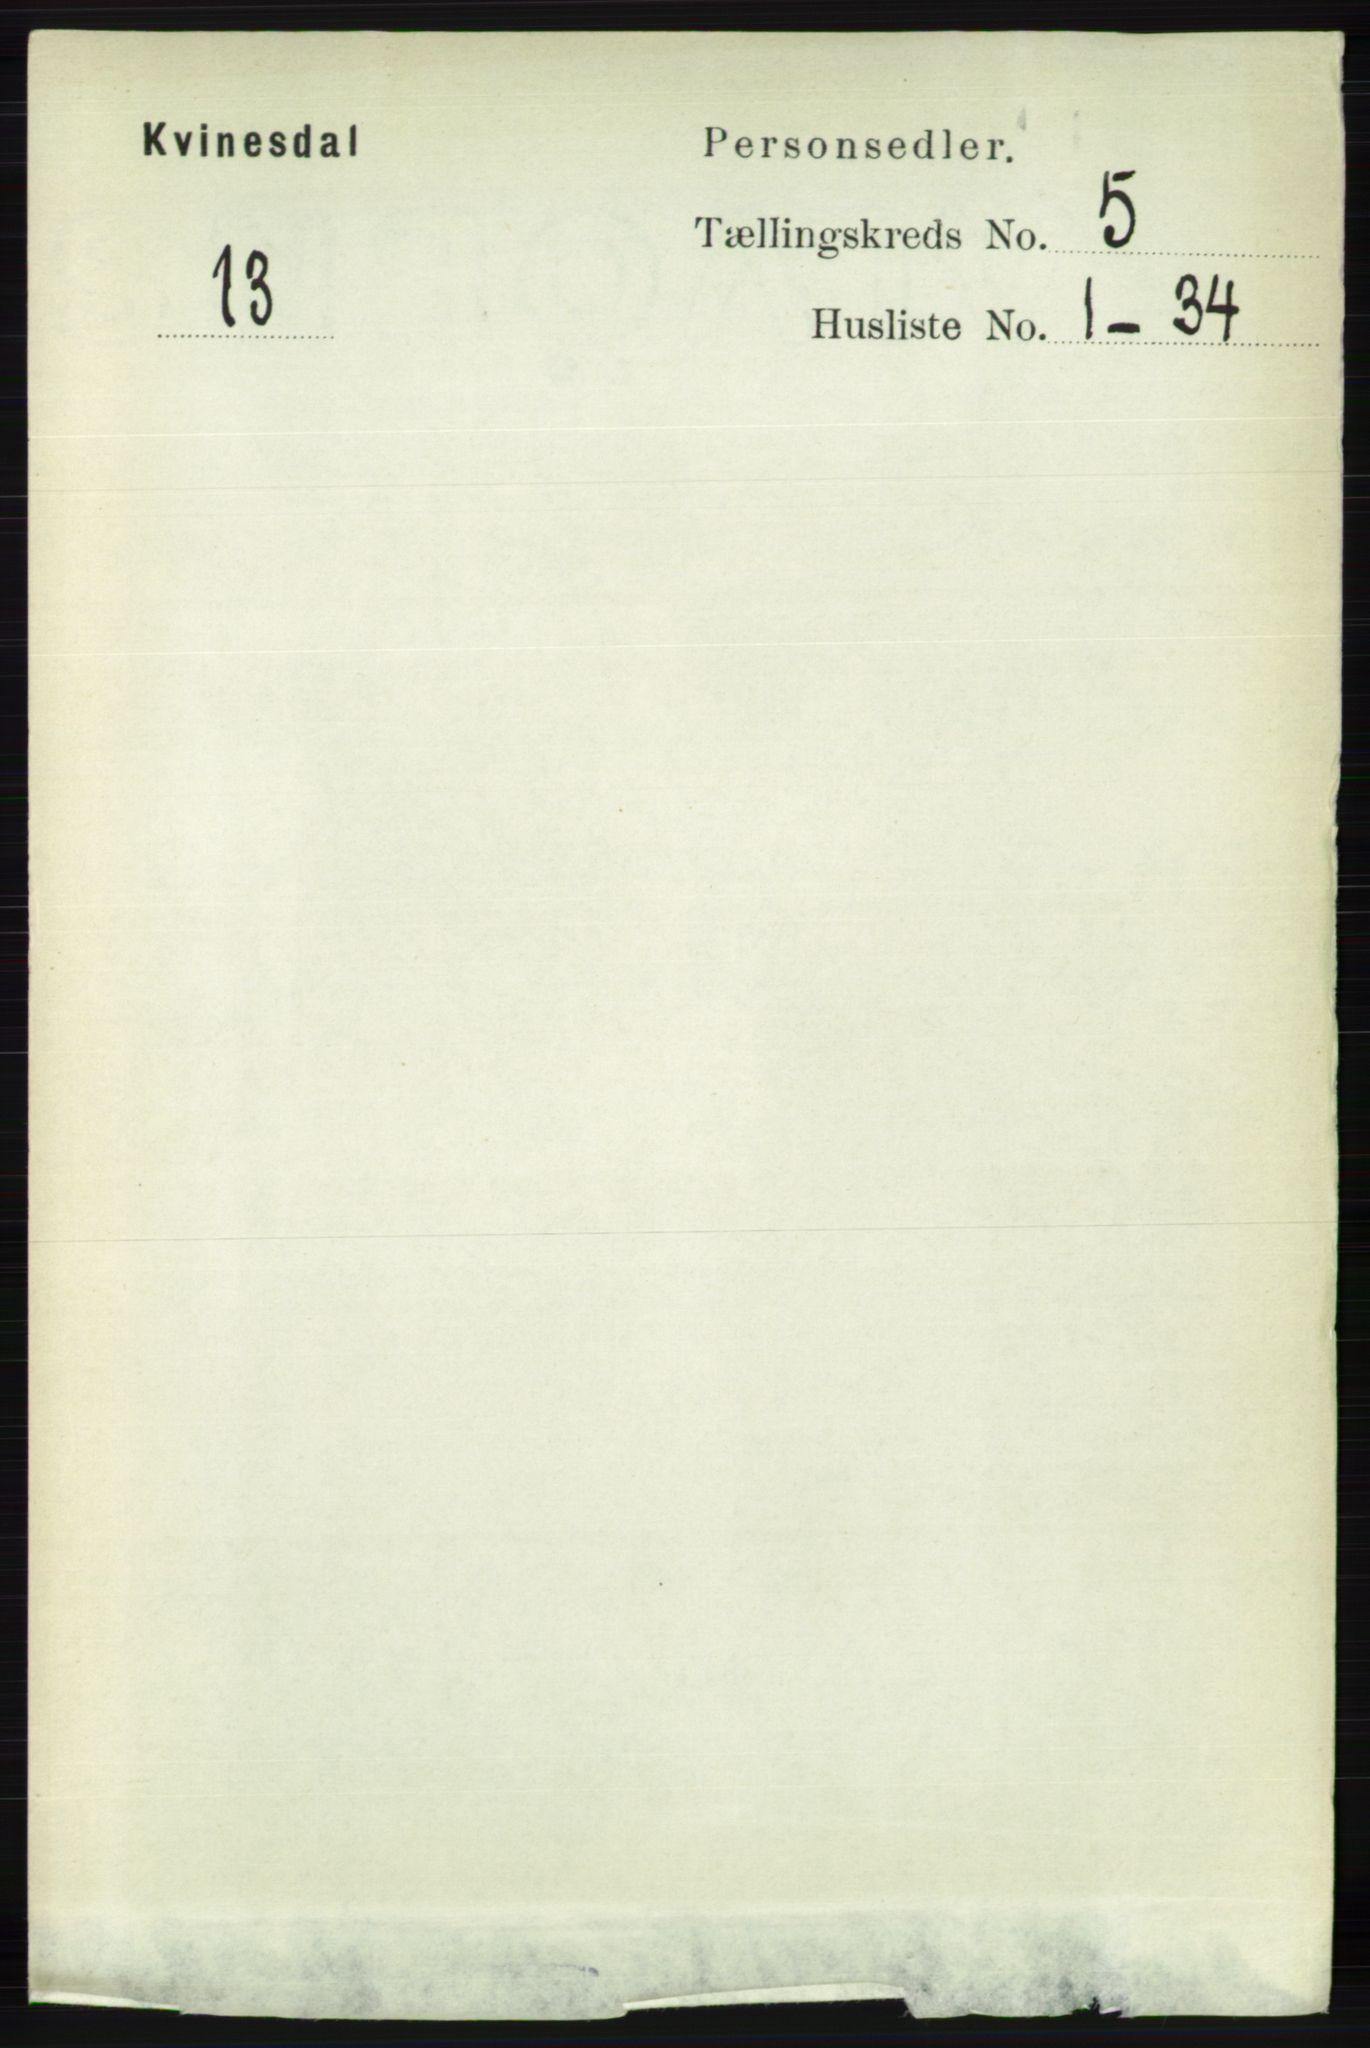 RA, Folketelling 1891 for 1037 Kvinesdal herred, 1891, s. 1698